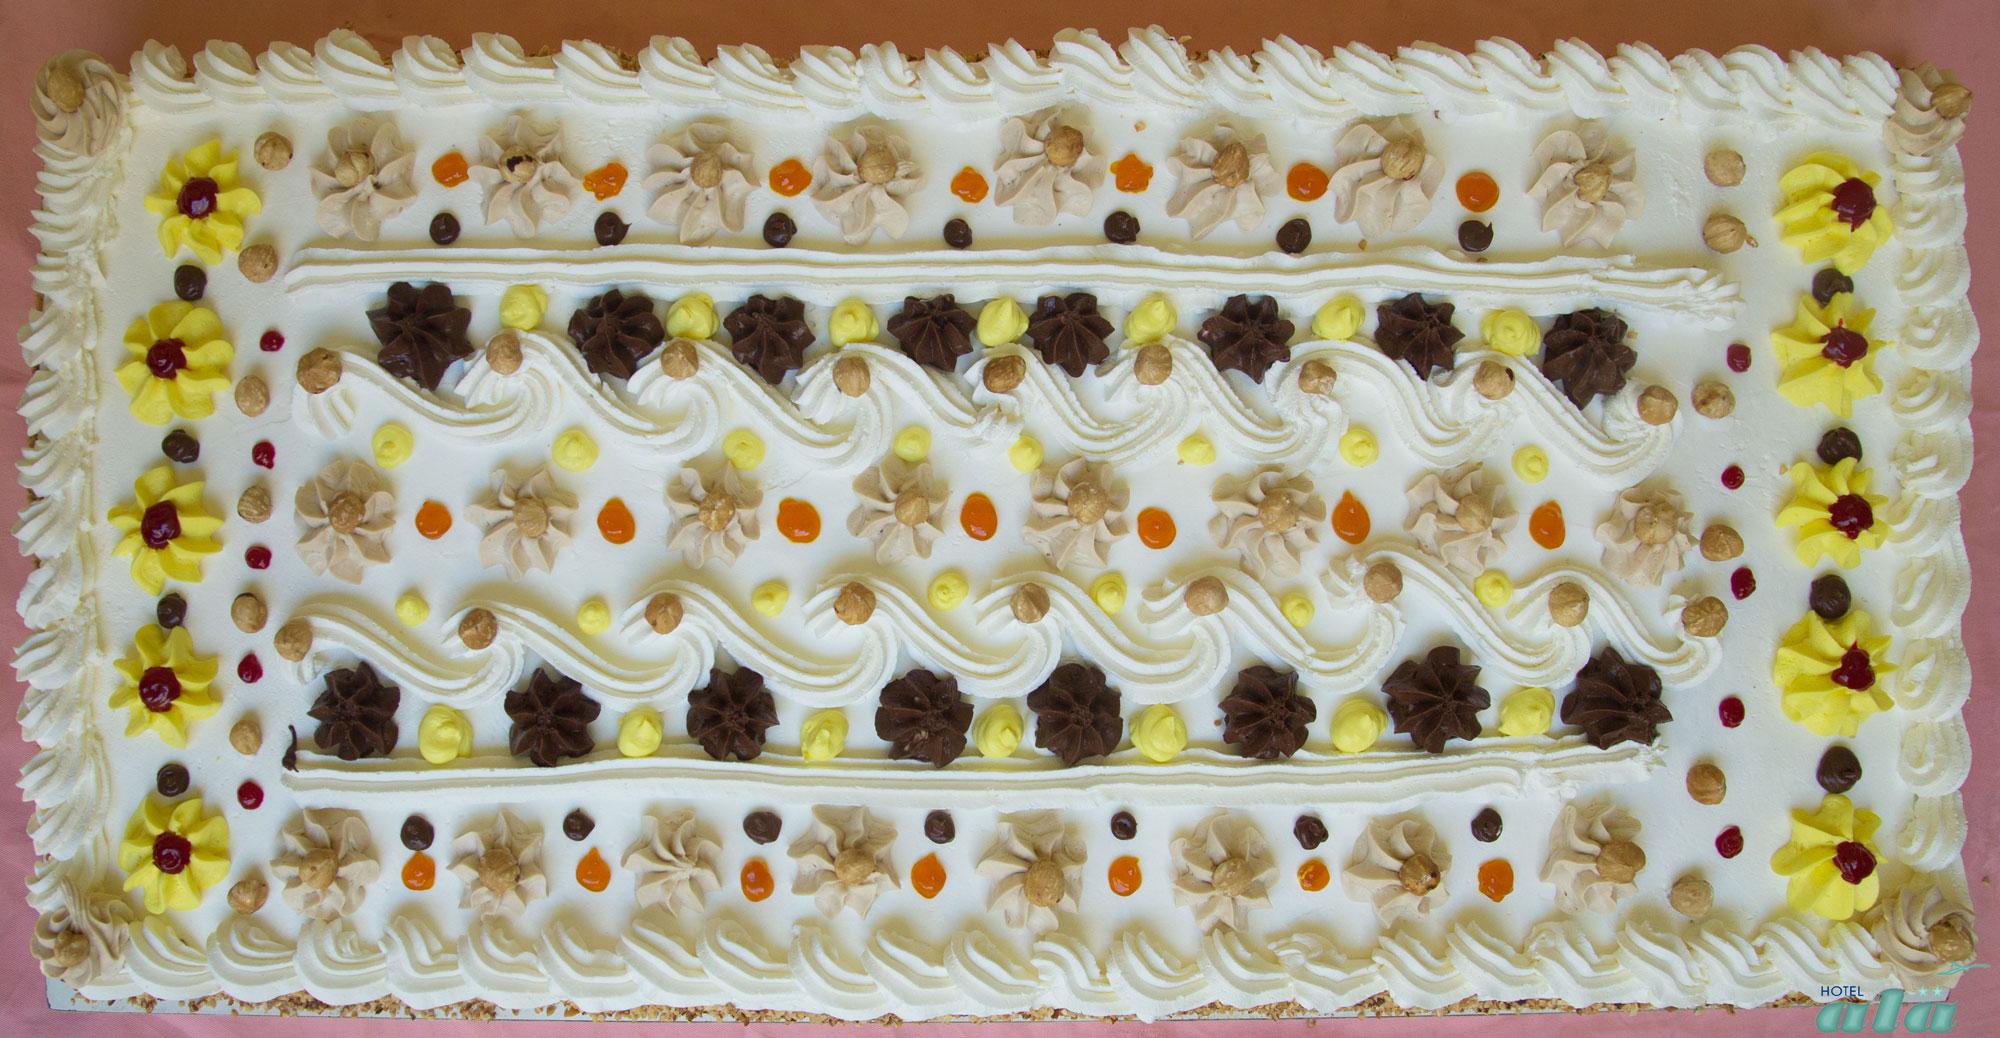 Hotel con pasticceria e torte fatte in casa Riccione ...